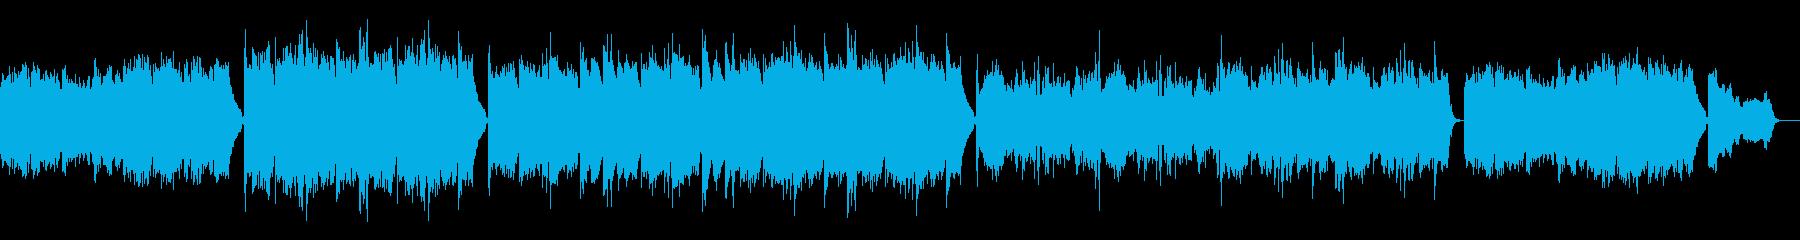 優しく落ち着くピアノポップ:Mギター抜きの再生済みの波形